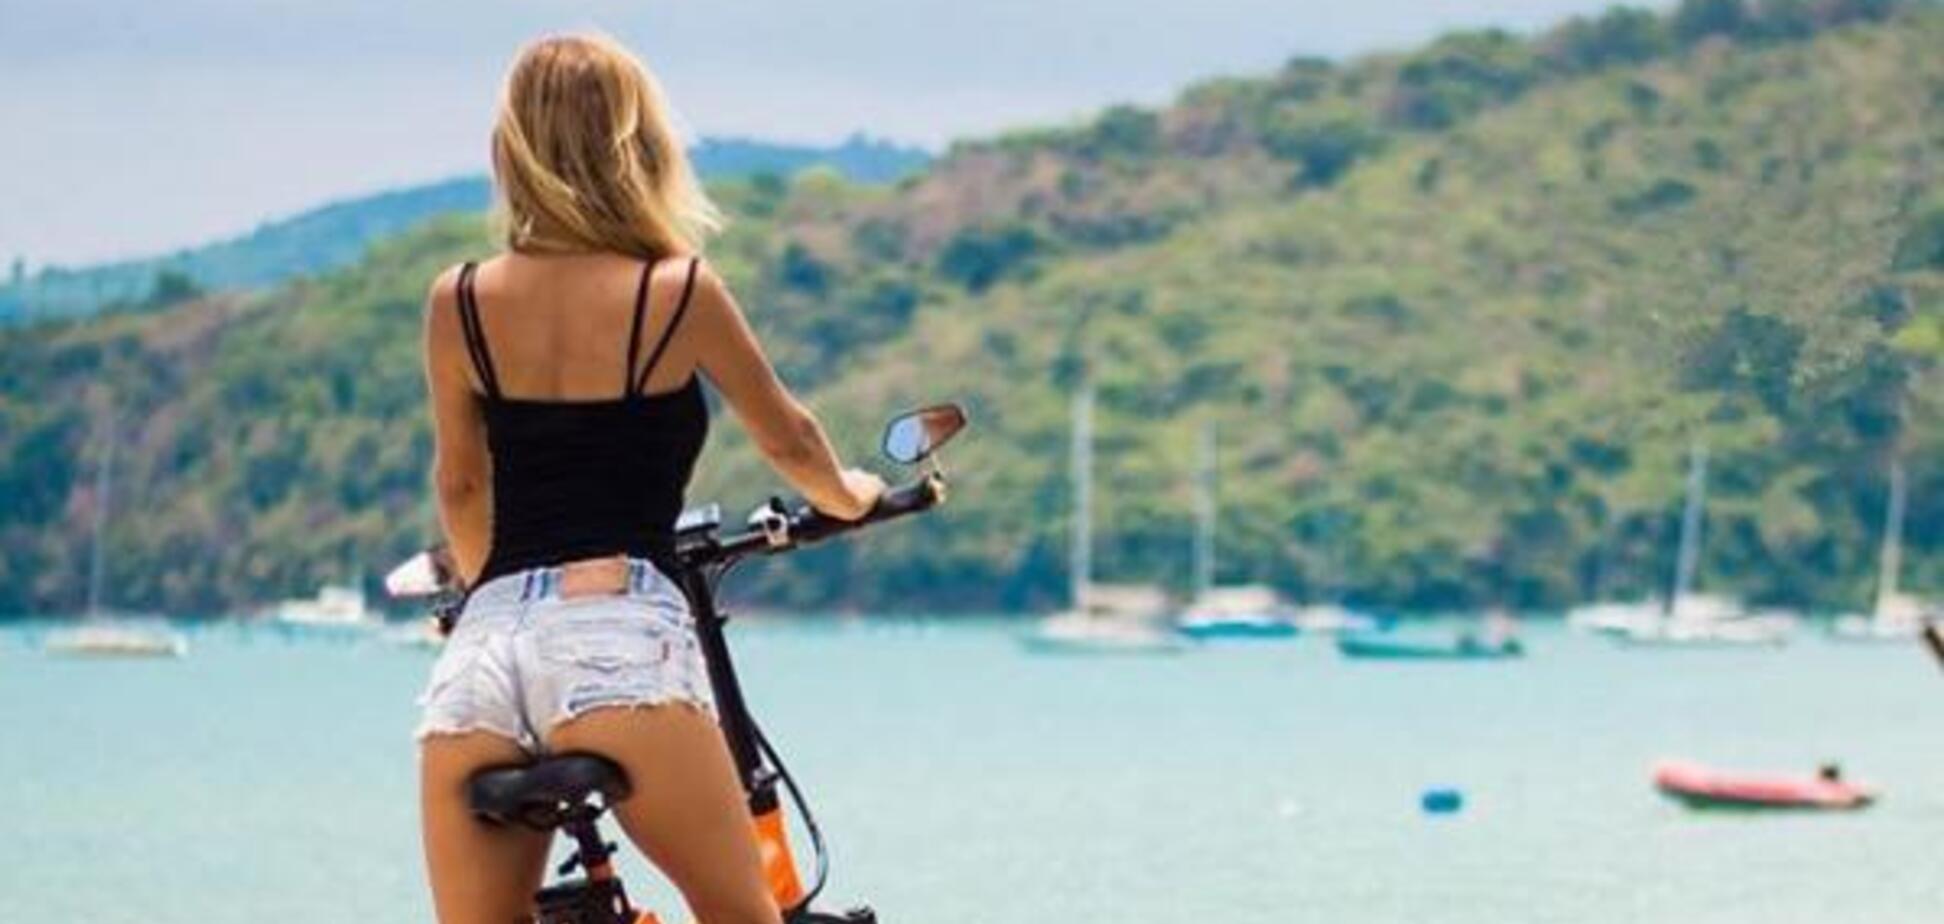 Більше сотні кілометрів запасу ходу: в США почався продаж потужного електровелосипеда